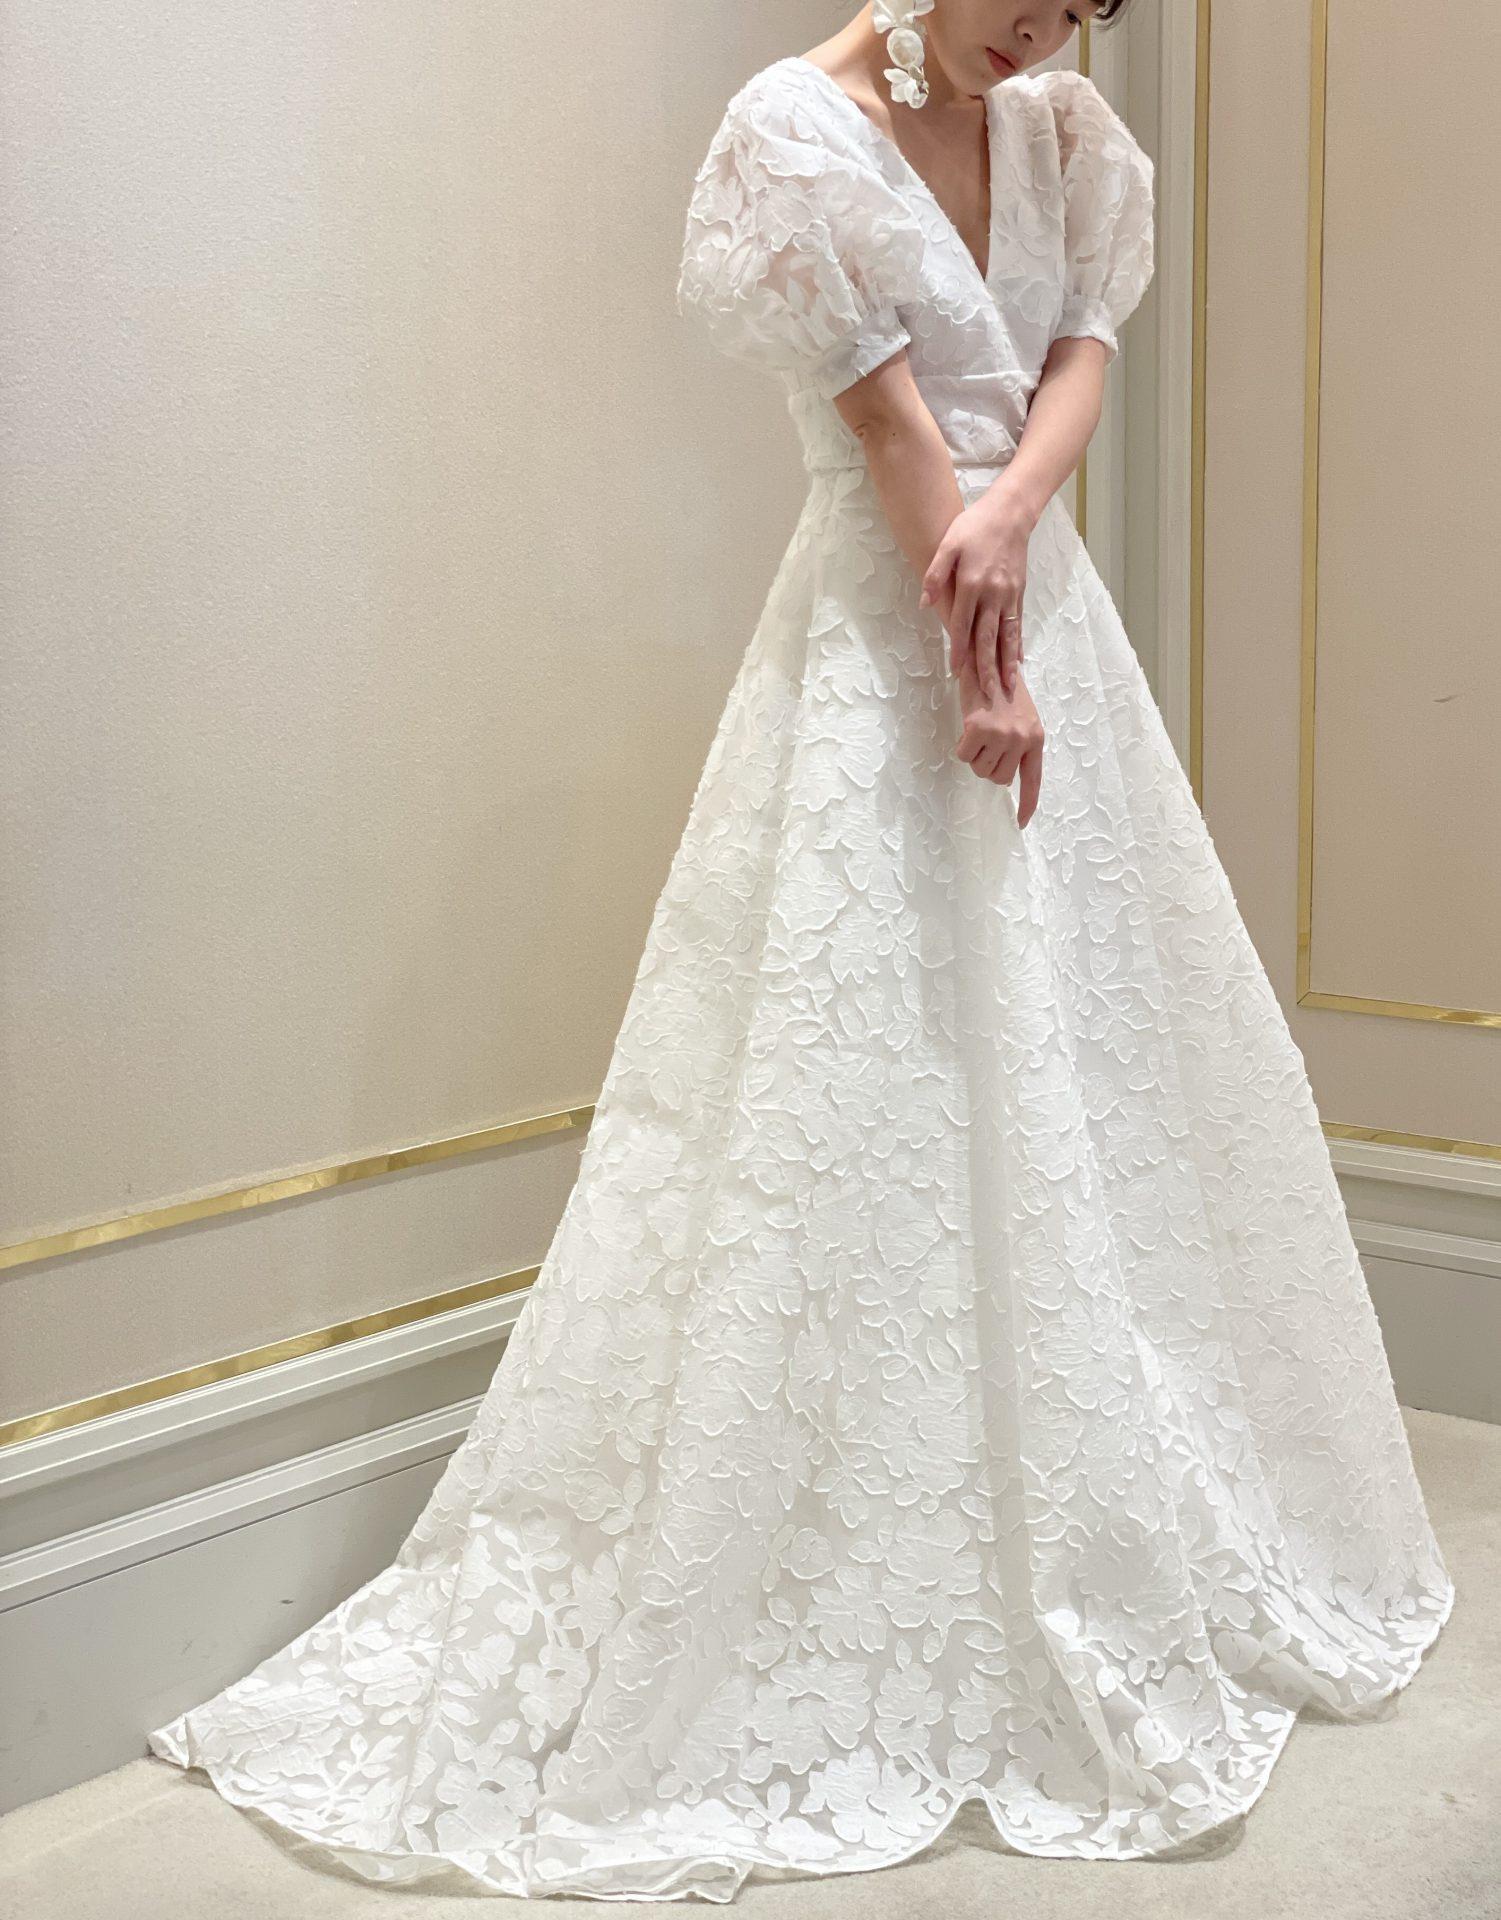 大阪の結婚式場におすすめのパフスリーブとフラワーモチーフが愛らしいAラインのウエディングドレス